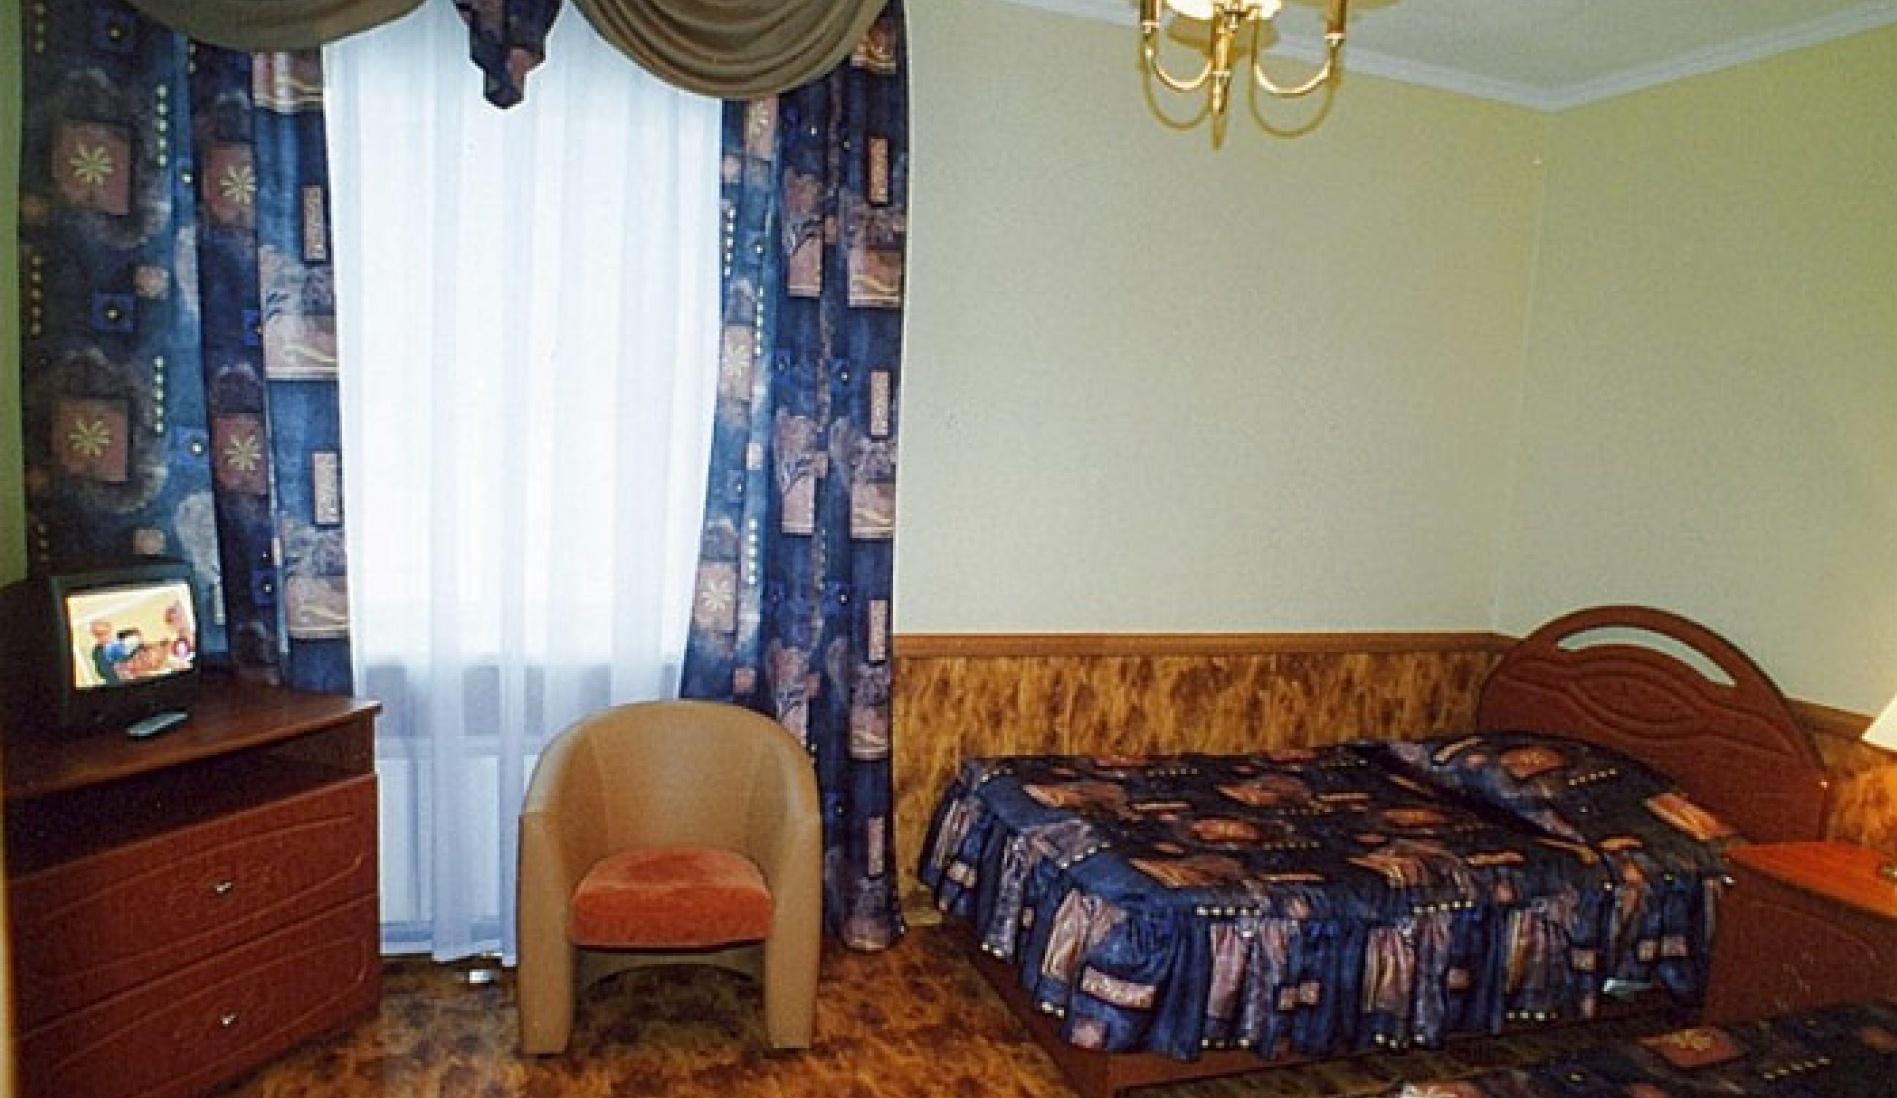 База отдыха ФГБУ СП «Курорт-парк «Союз» МИД России» Московская область Номер «Люкс» 2-комнатный 4-местный в 2-этажном коттедже № 10 «Б», фото 2